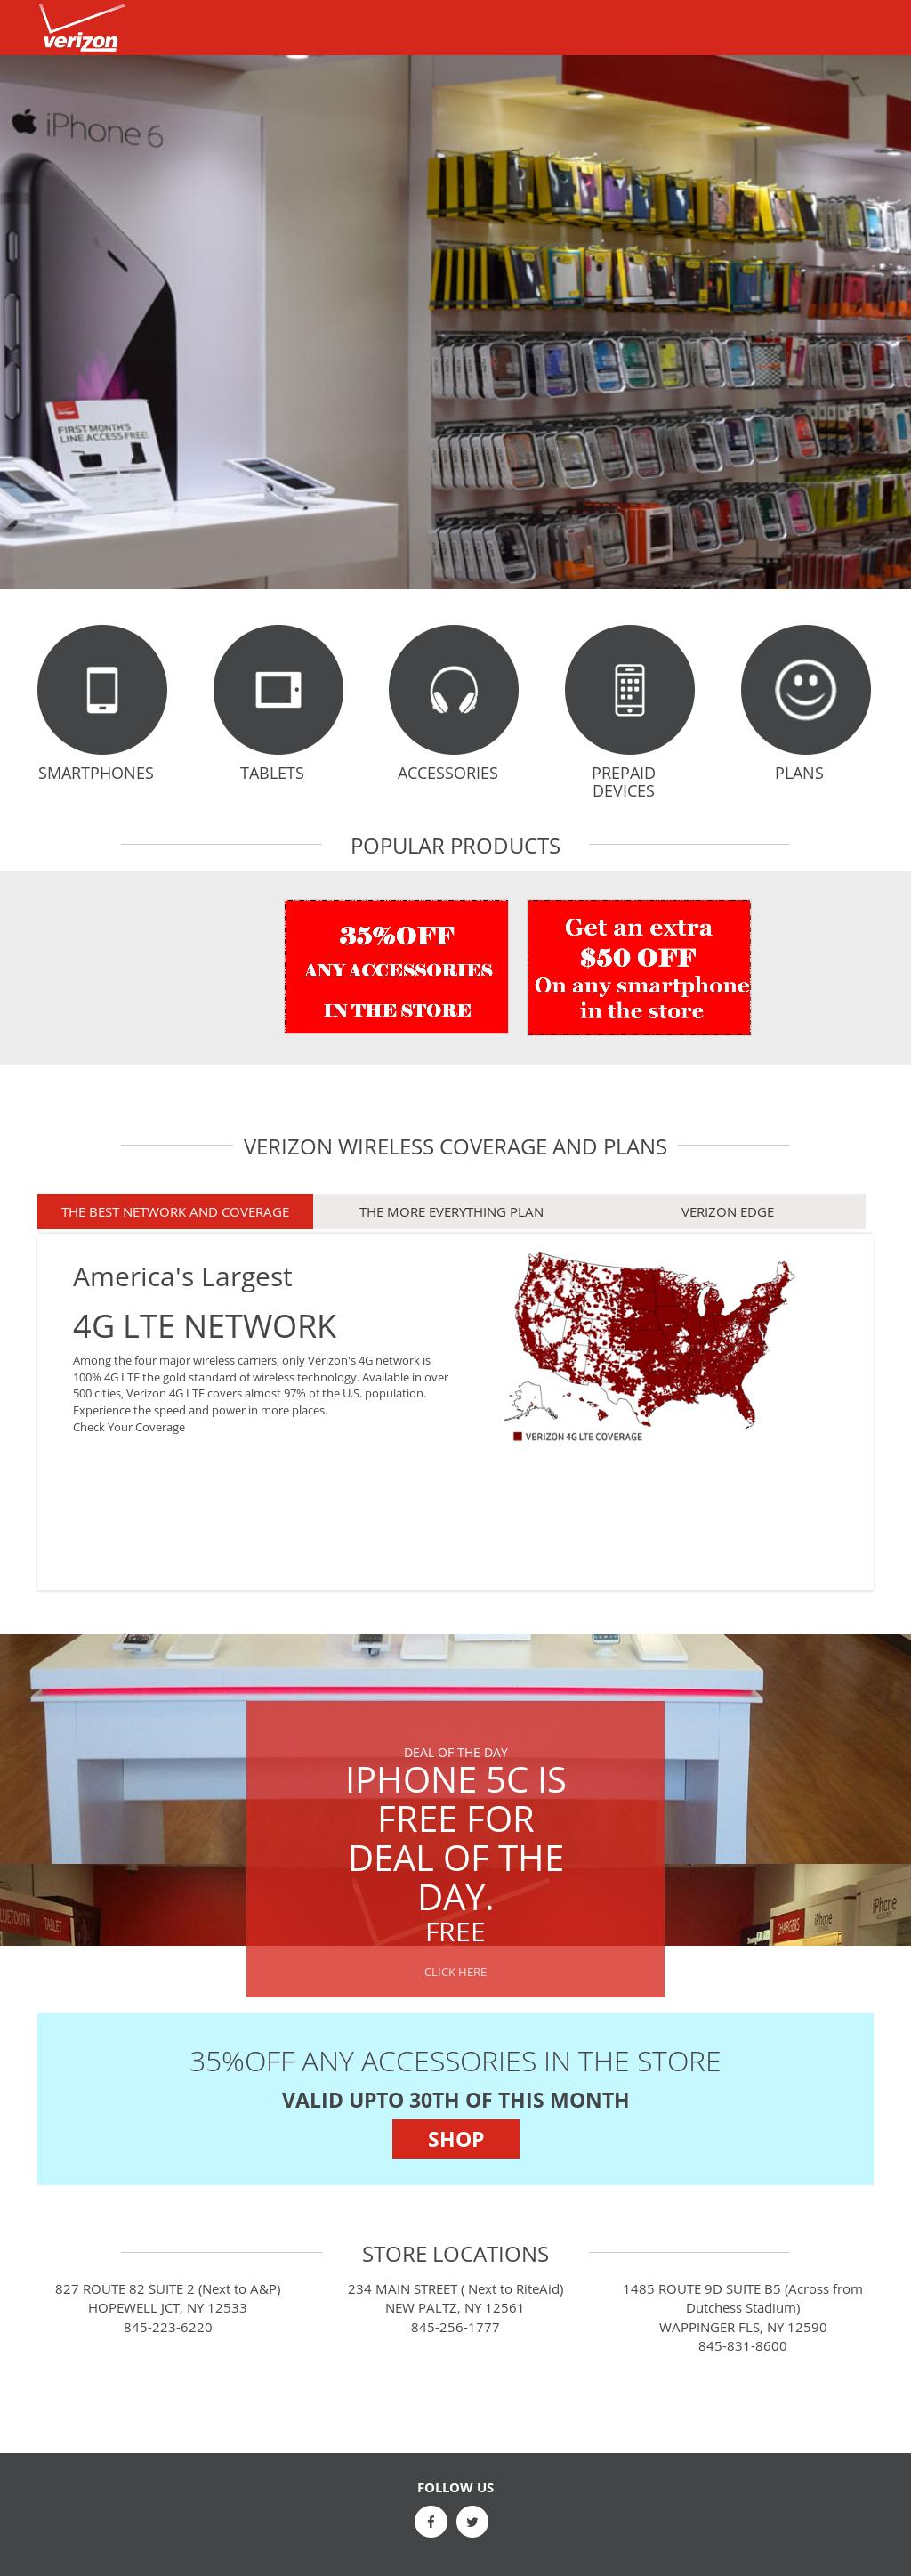 Verizon Wireless - Wireless Icon Competitors, Revenue and